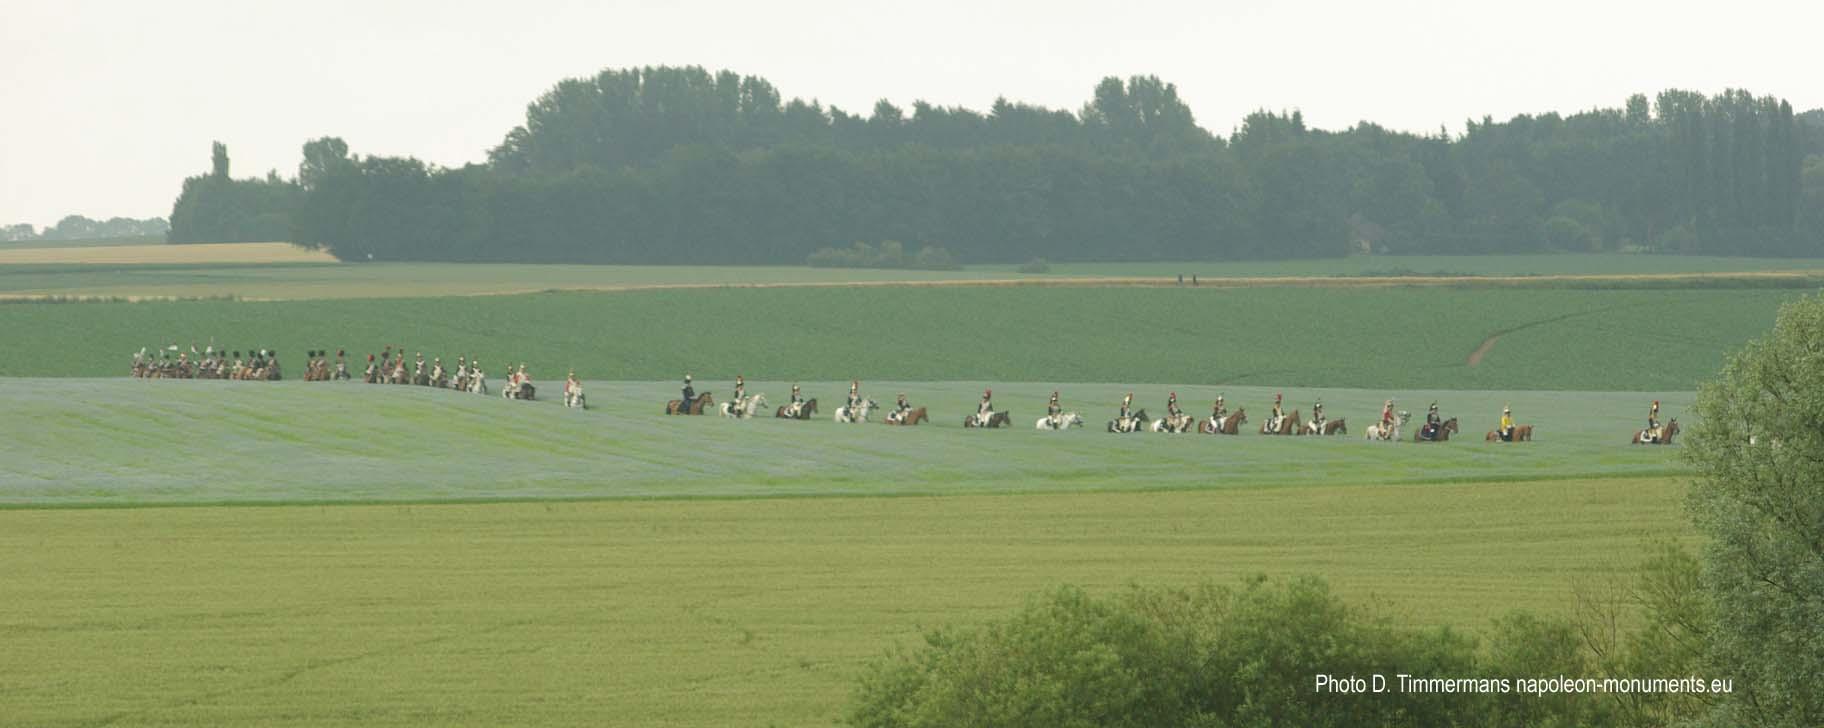 194ème anniversaire de la bataille de Waterloo 090621Waterloo004c